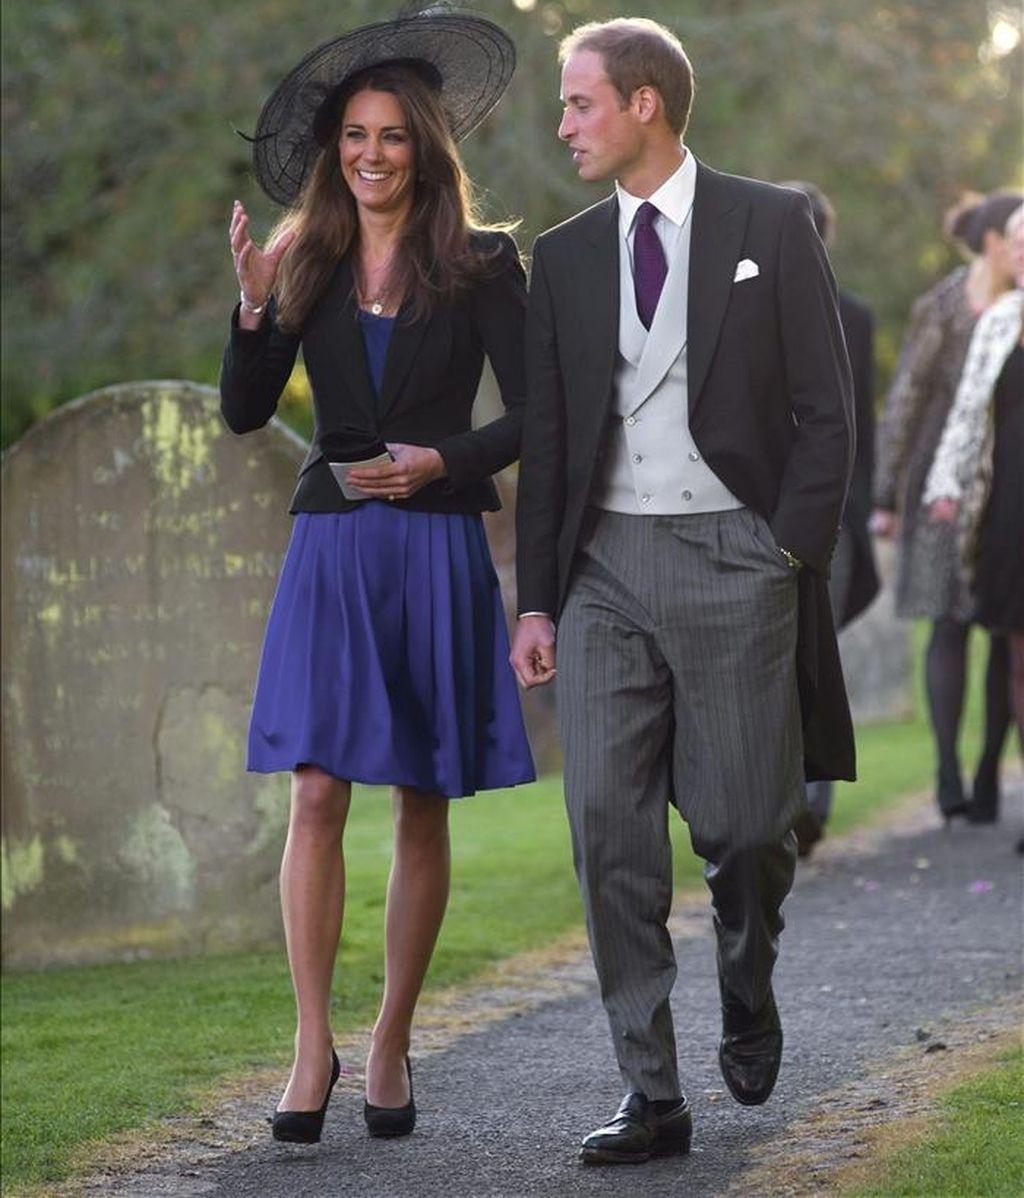 El príncipe Guillermo (d) y a Kate Middleton (i) a su llegada a la boda de su amigo Harry Meade, en octubre de 2010. EFE/Archivo